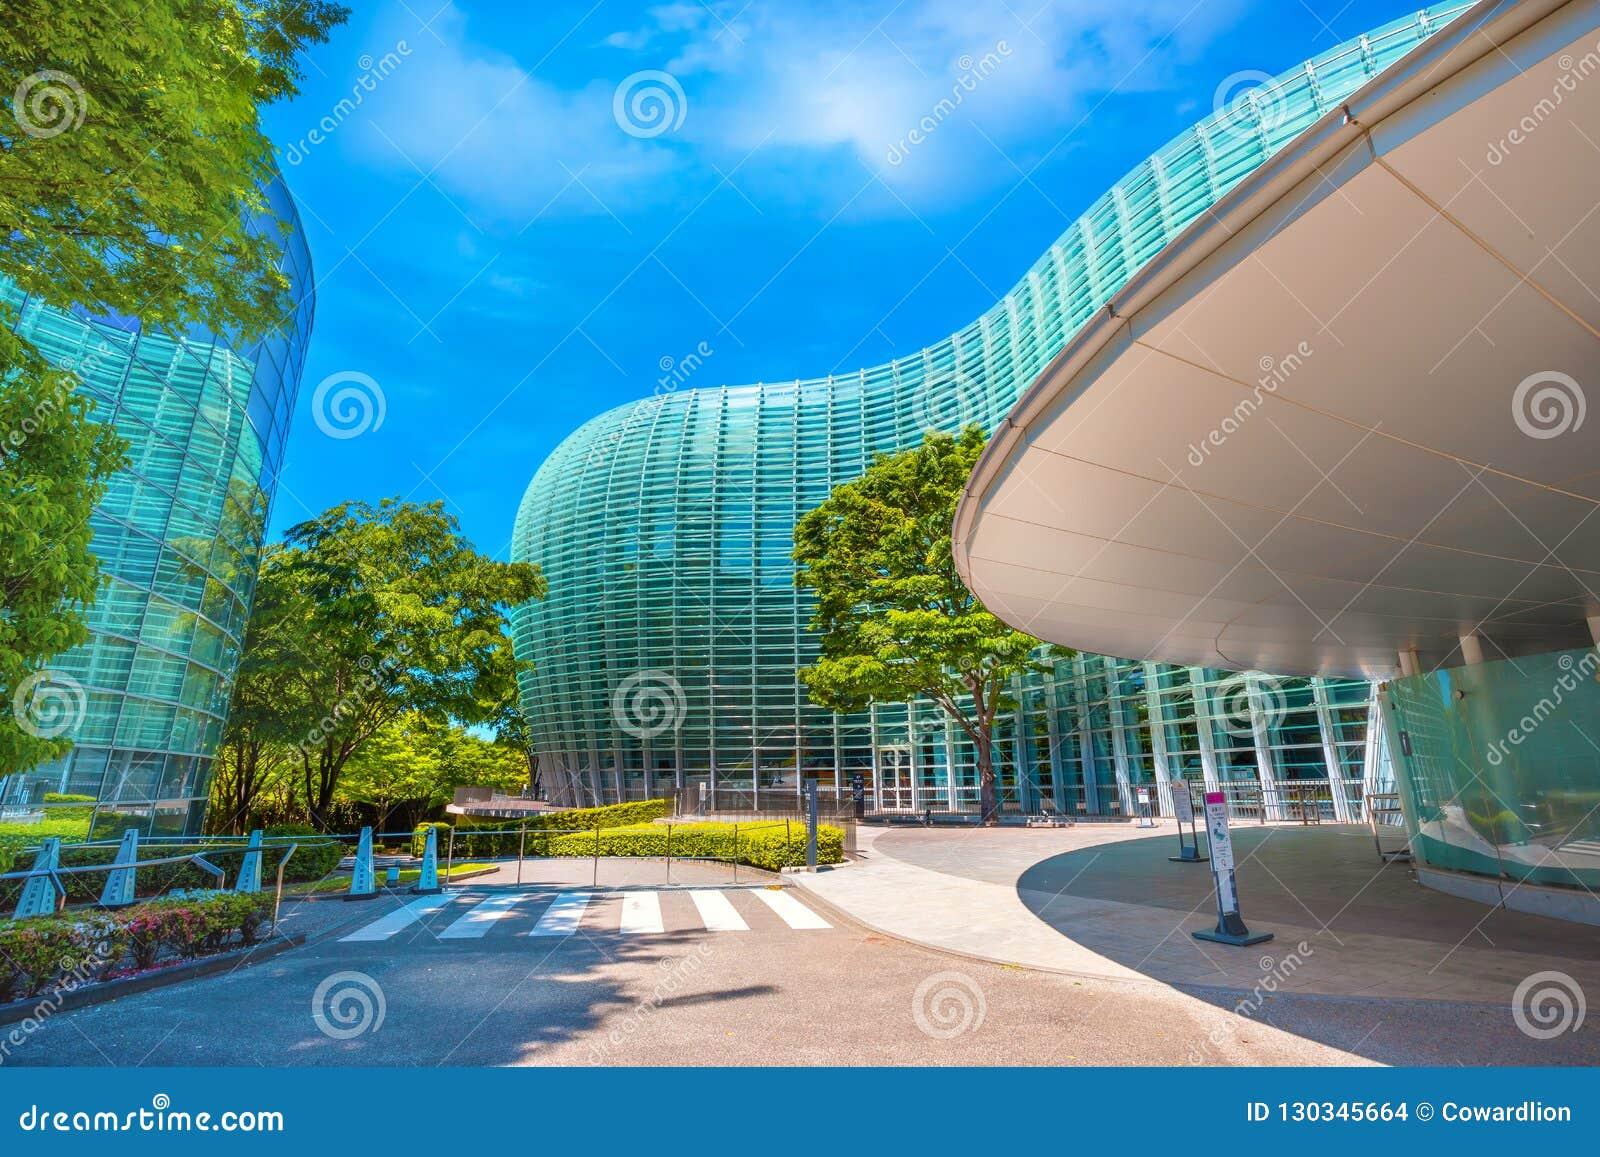 The National Art Center in Roppongi, Tokyo, Japan